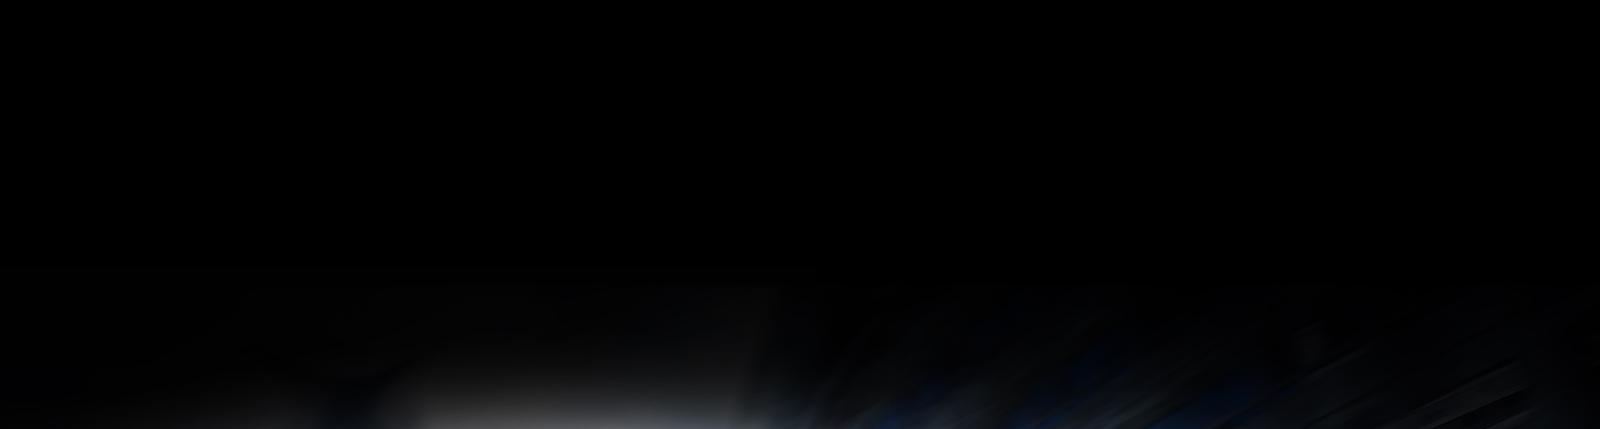 MNT-UltraGear-24GL600F-05-Fast-Track-to-Victory-Desktop